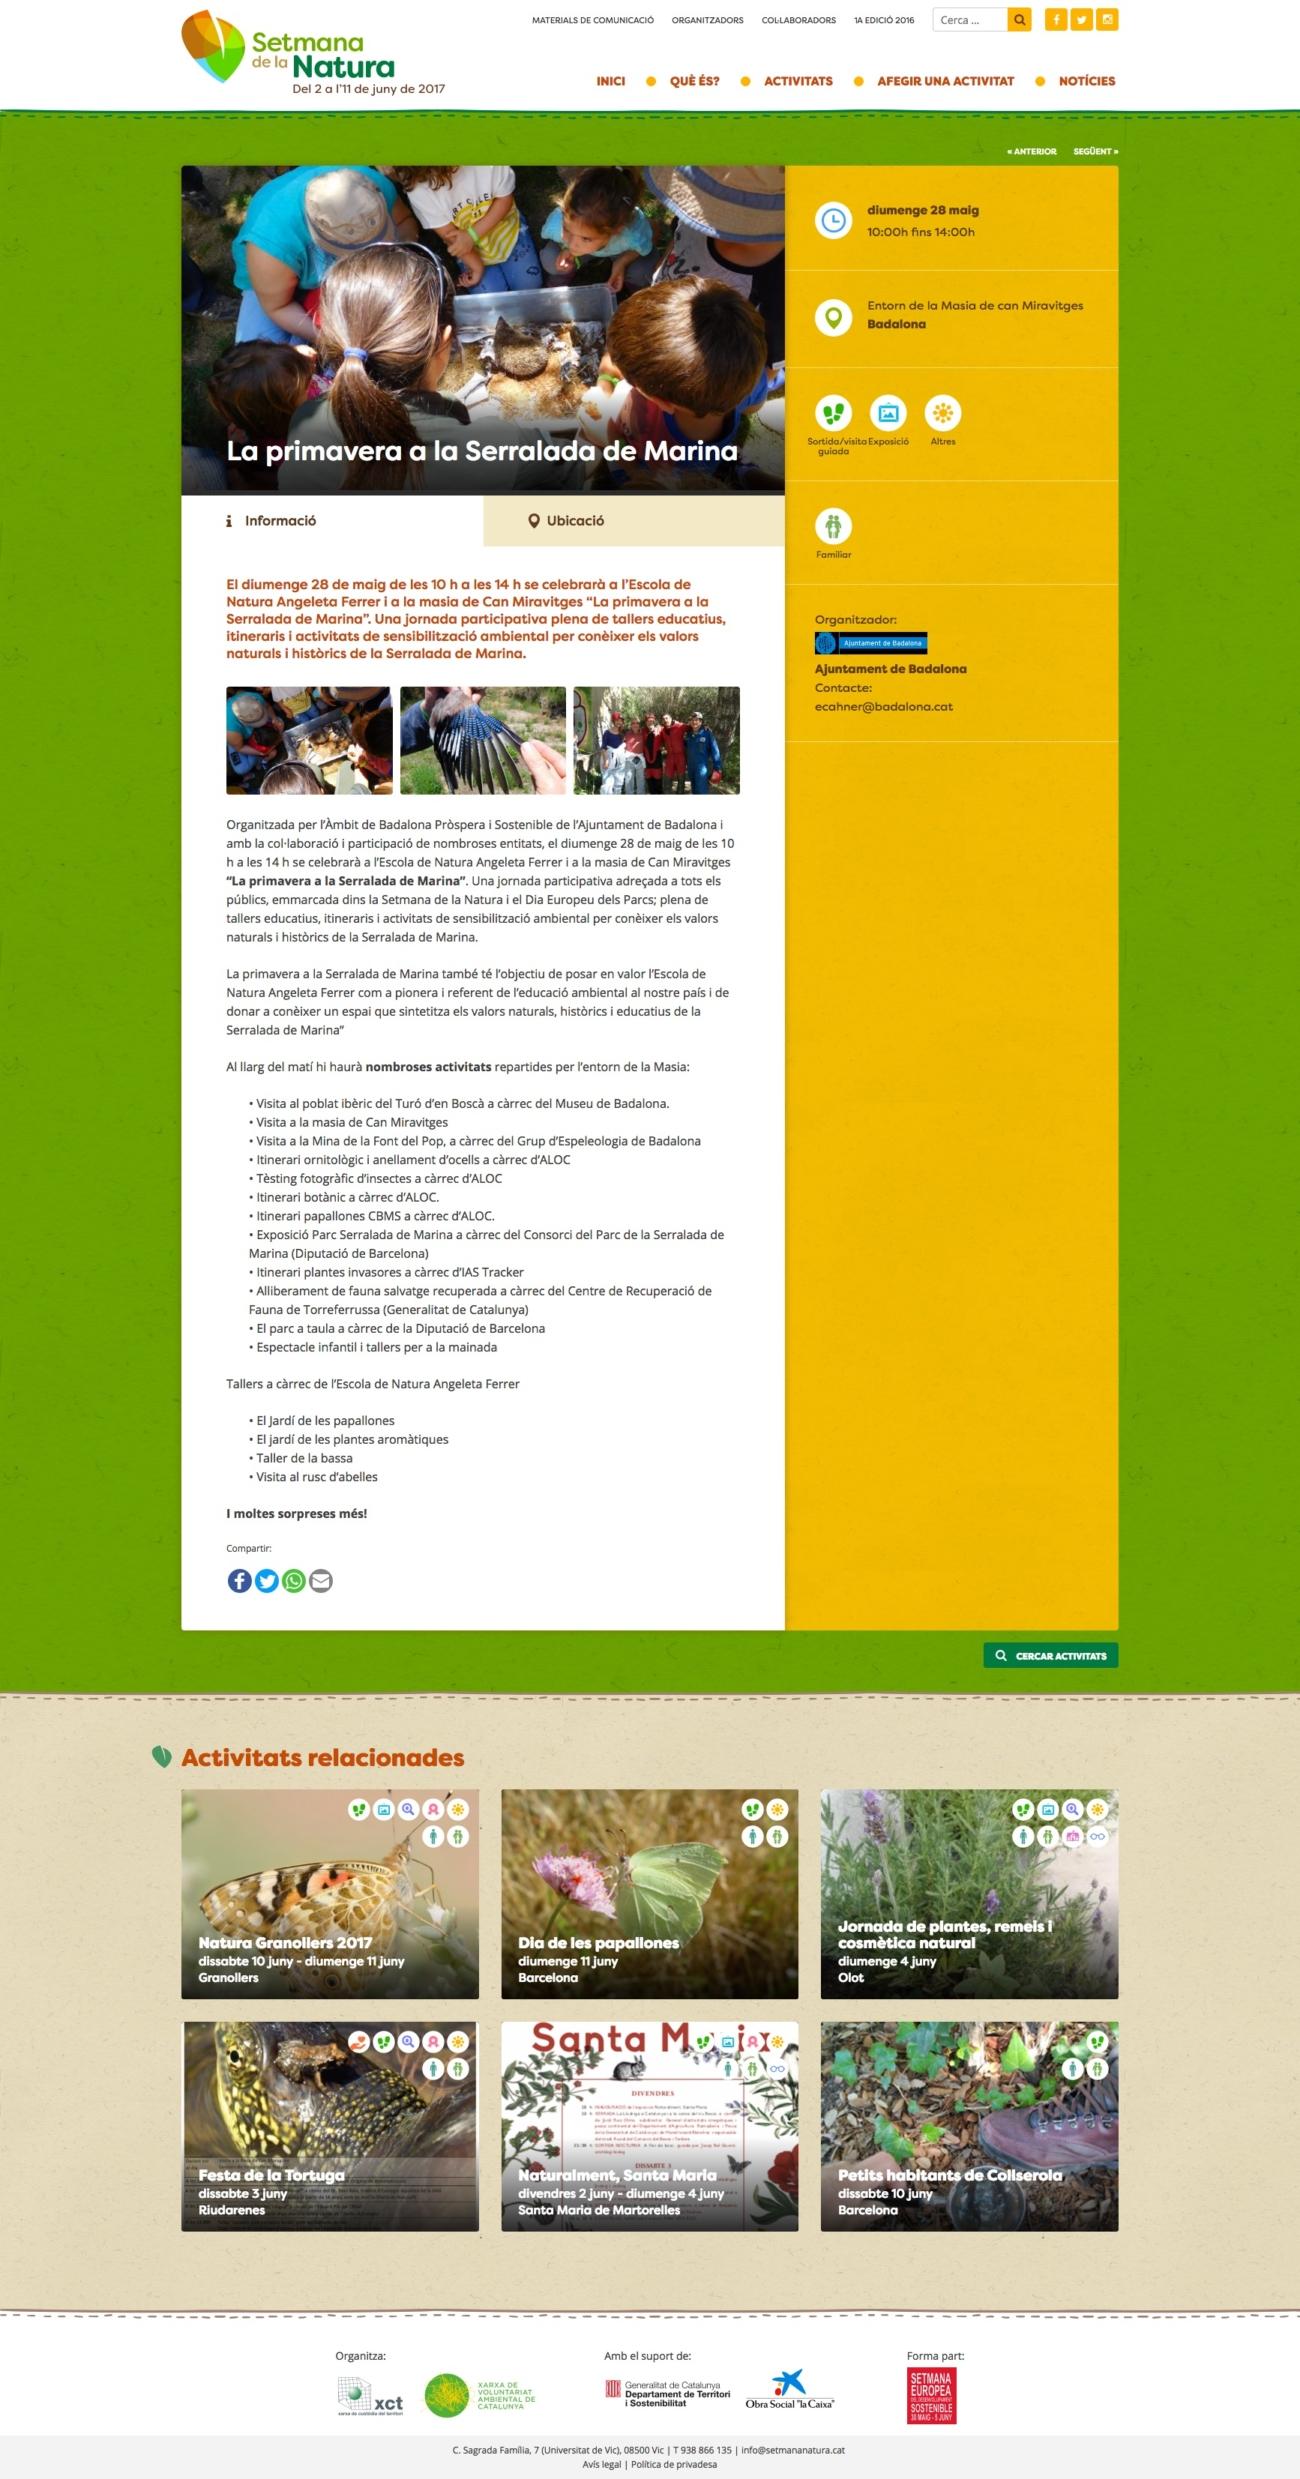 Web de la Setmana de la Natura